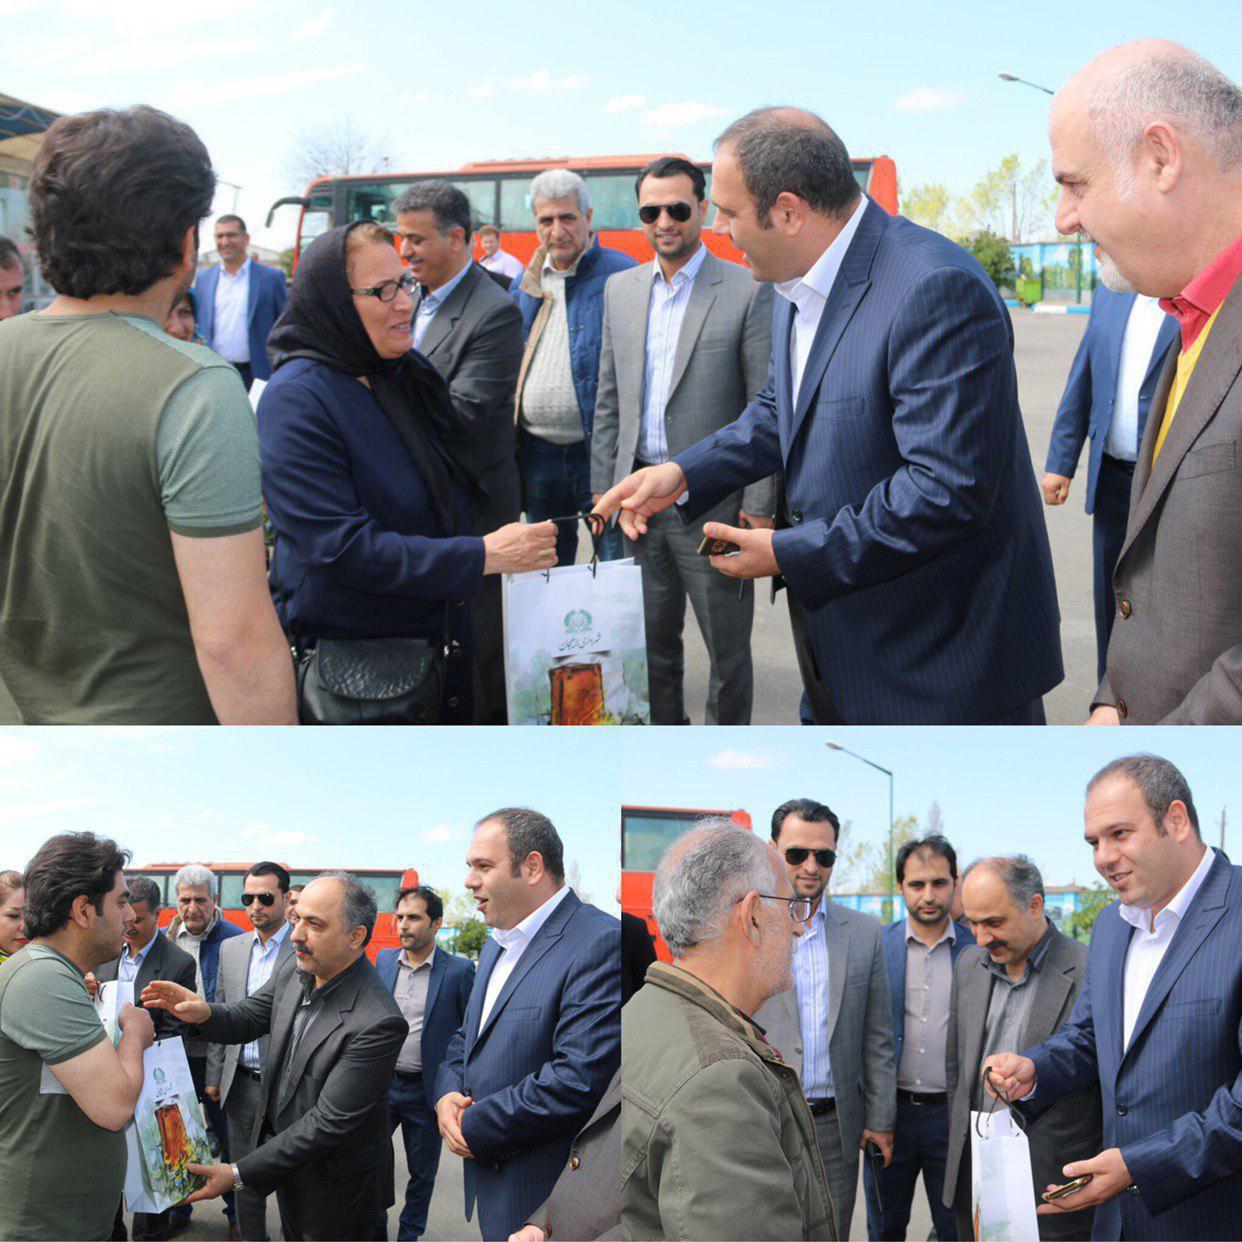 مسافران شهر لاهیجان در بازگشت از سفر توسط شهردار و رییس شورای اسلامی شهر بدرقه شدند